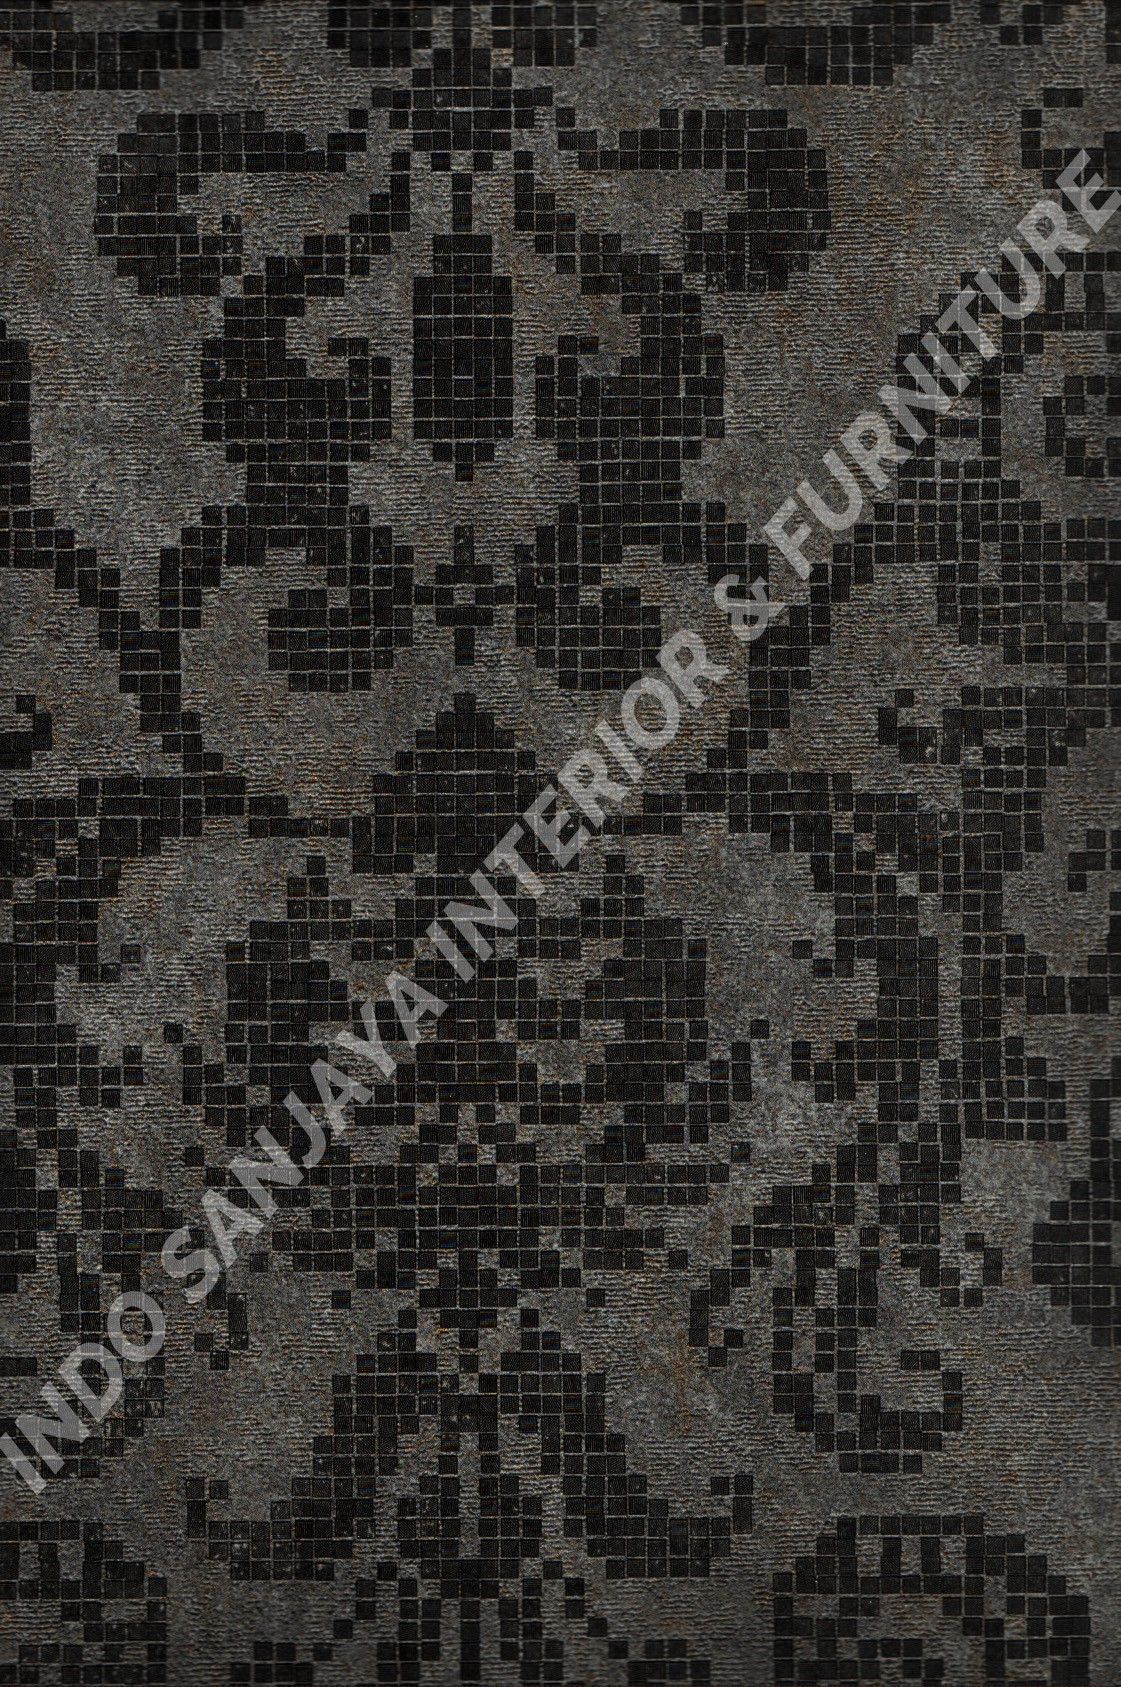 wallpaper MOKO:3021 corak Bunga ,Klasik / Batik (Damask) warna Abu-Abu ,Hitam